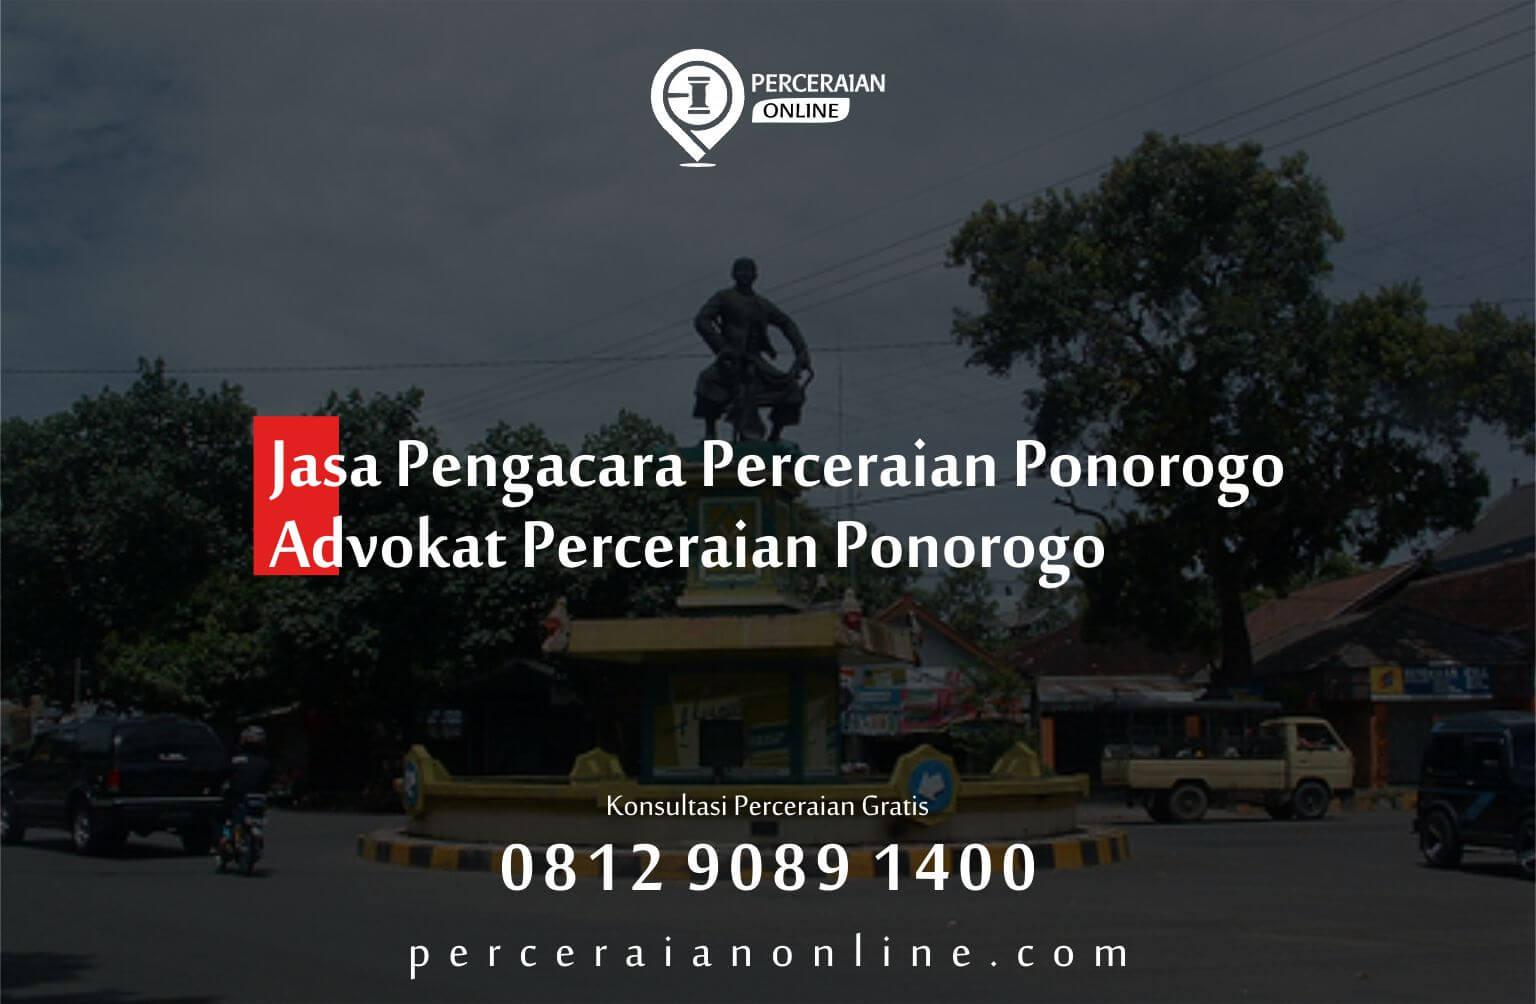 Jasa Pengacara Perceraian Ponorogo, Advokat Perceraian Ponorogo